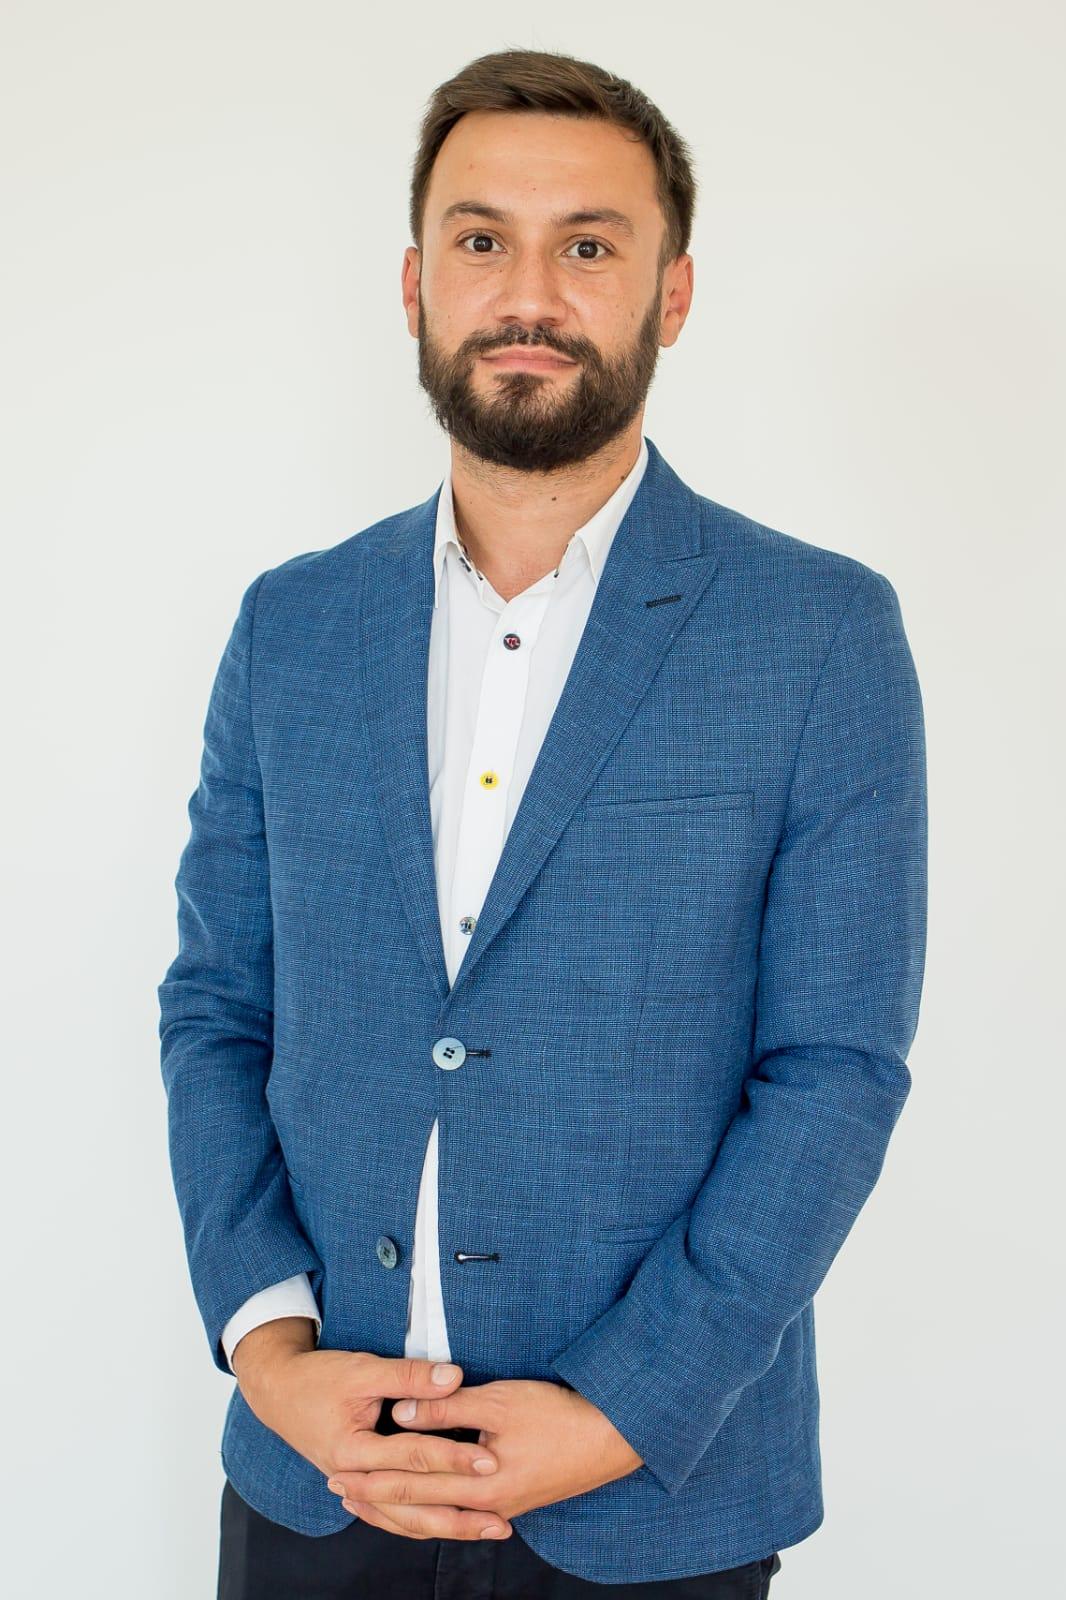 5-George-Trifan-profesor-de-informatica